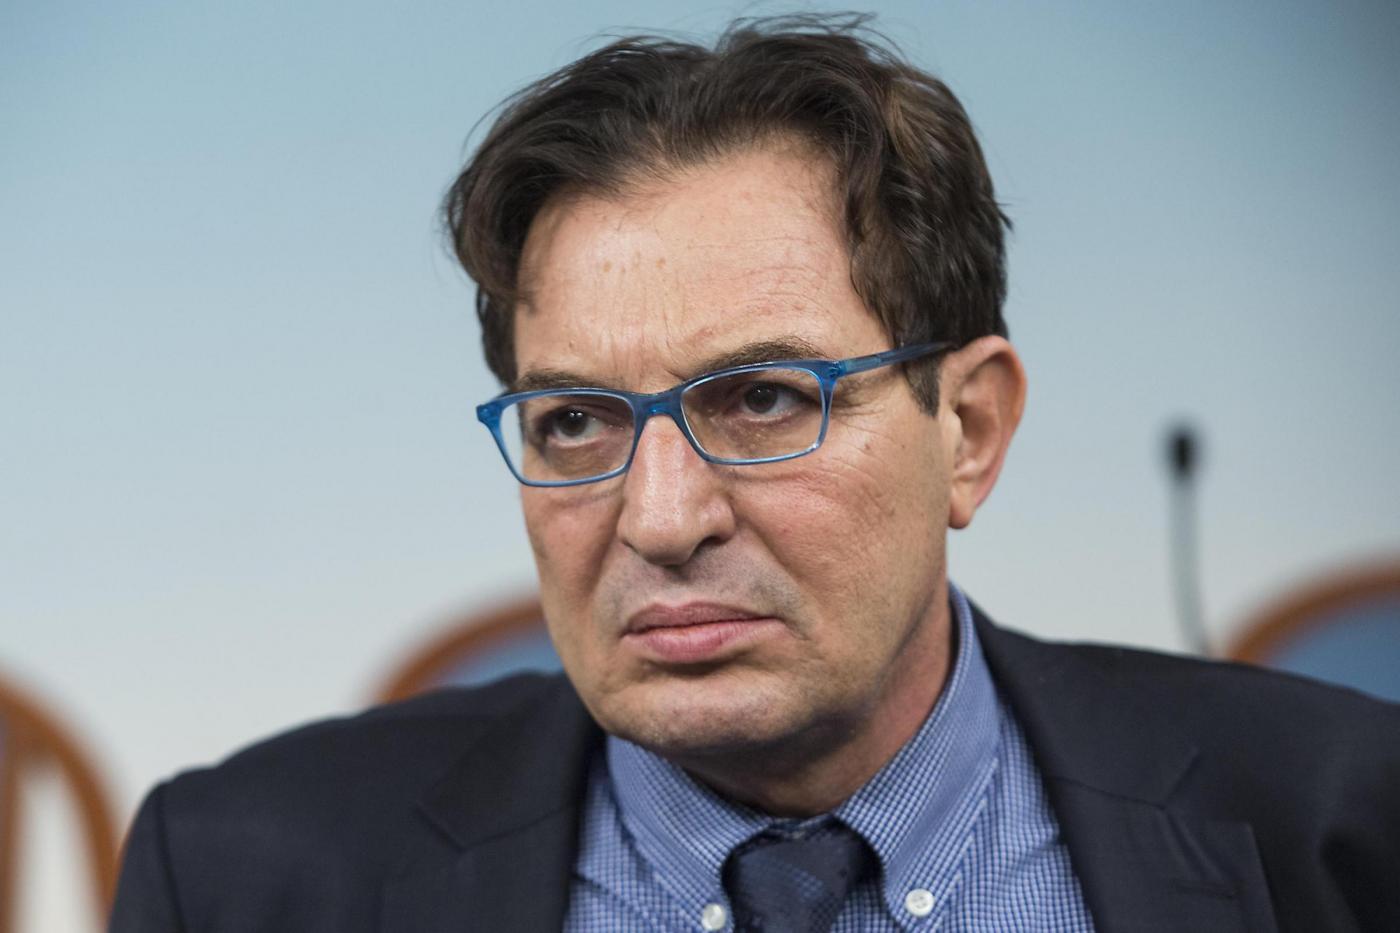 Rosario Crocetta e gli scandali alla regione Sicilia: tutti i casi